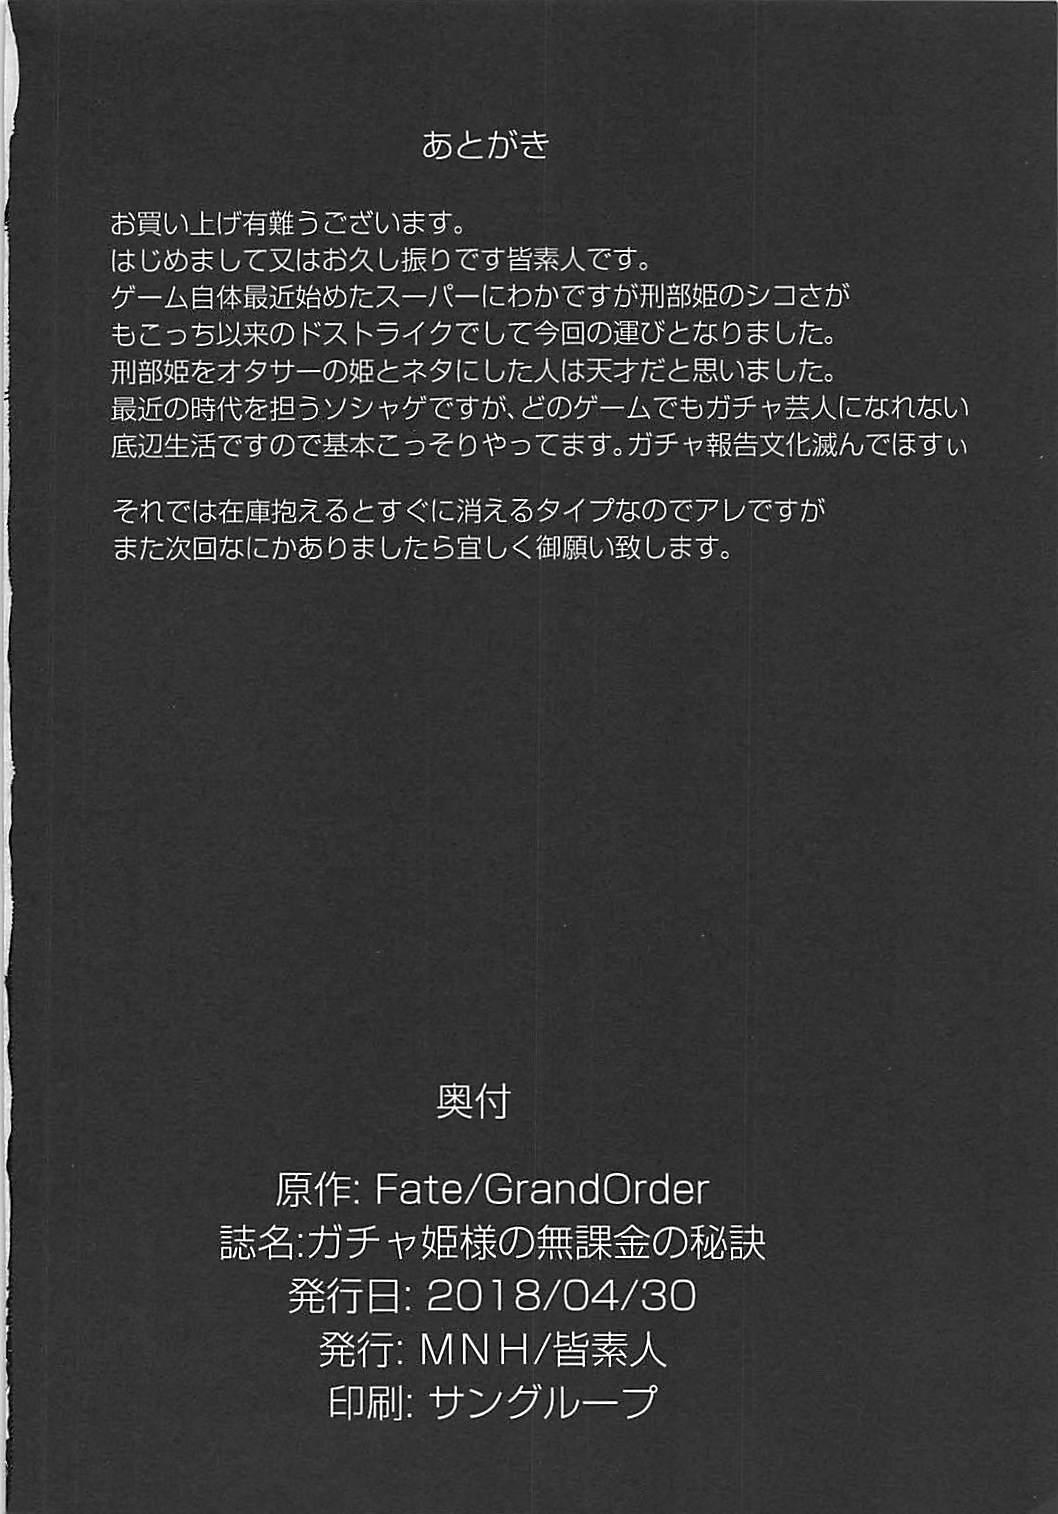 Gacha Hime-sama no Muri no Nai Kakin no Hiketsu 20